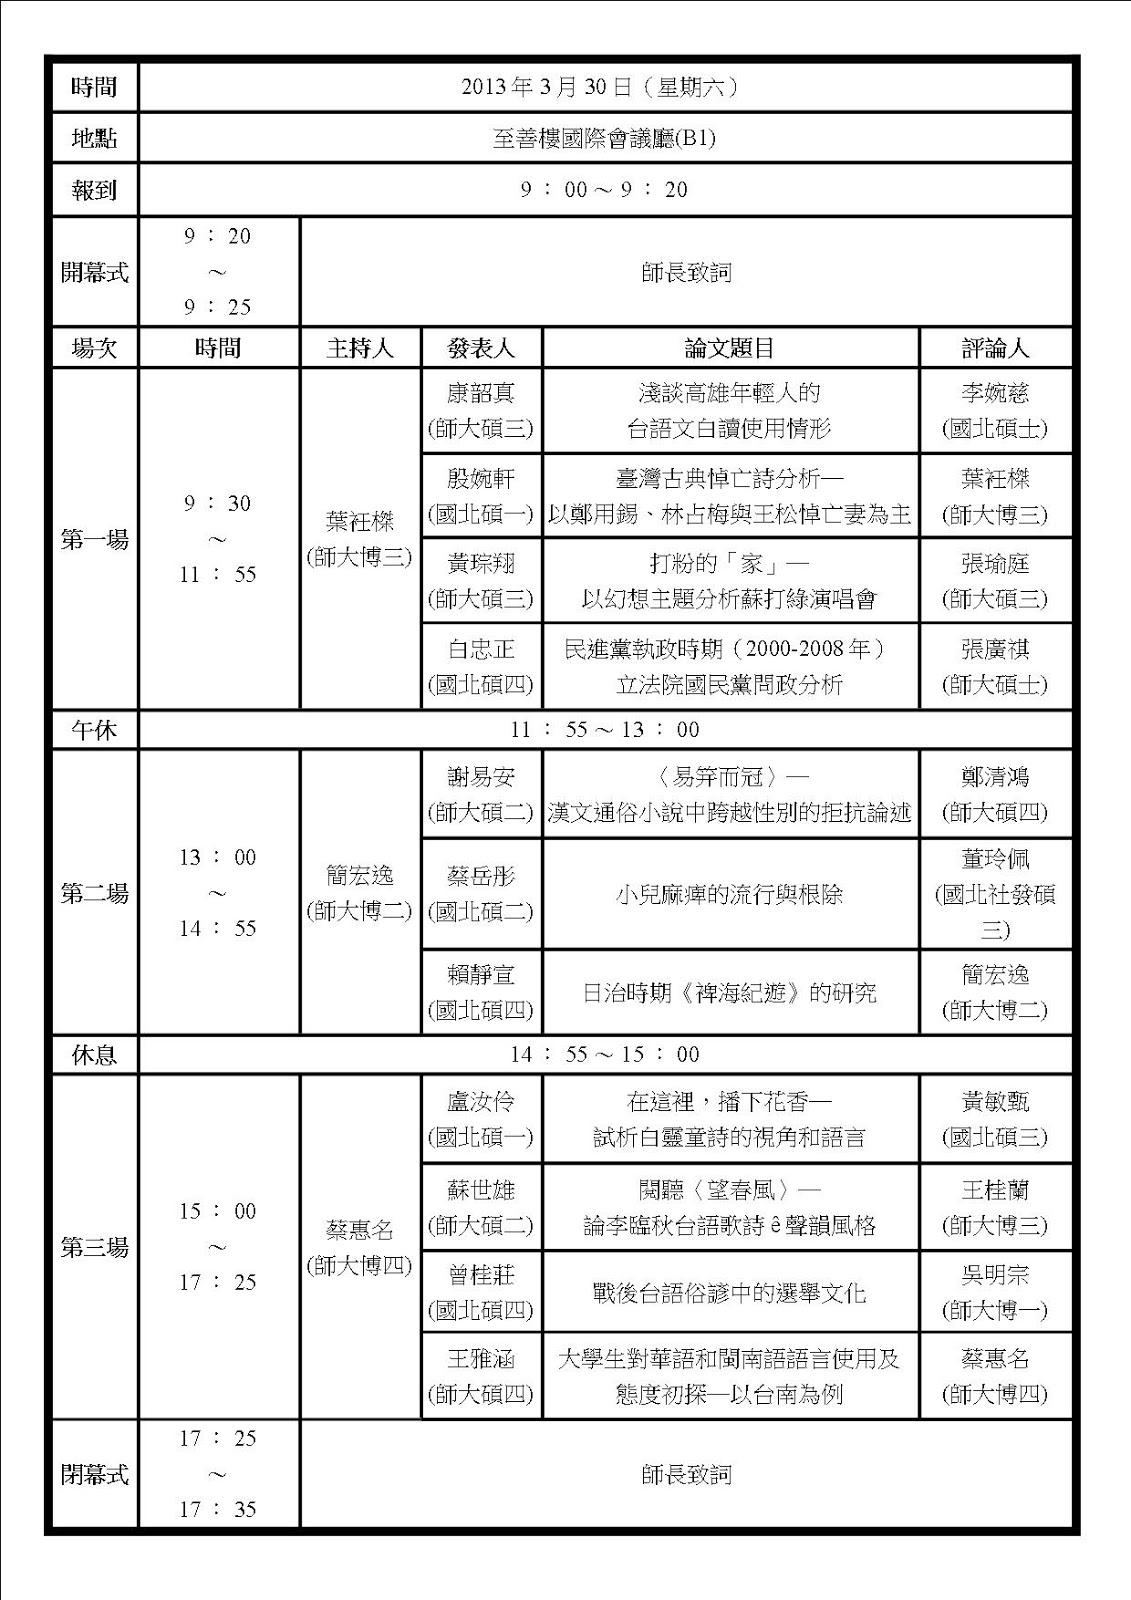 第七屆國北教大暨臺師大臺文系所 研究所論文發表會